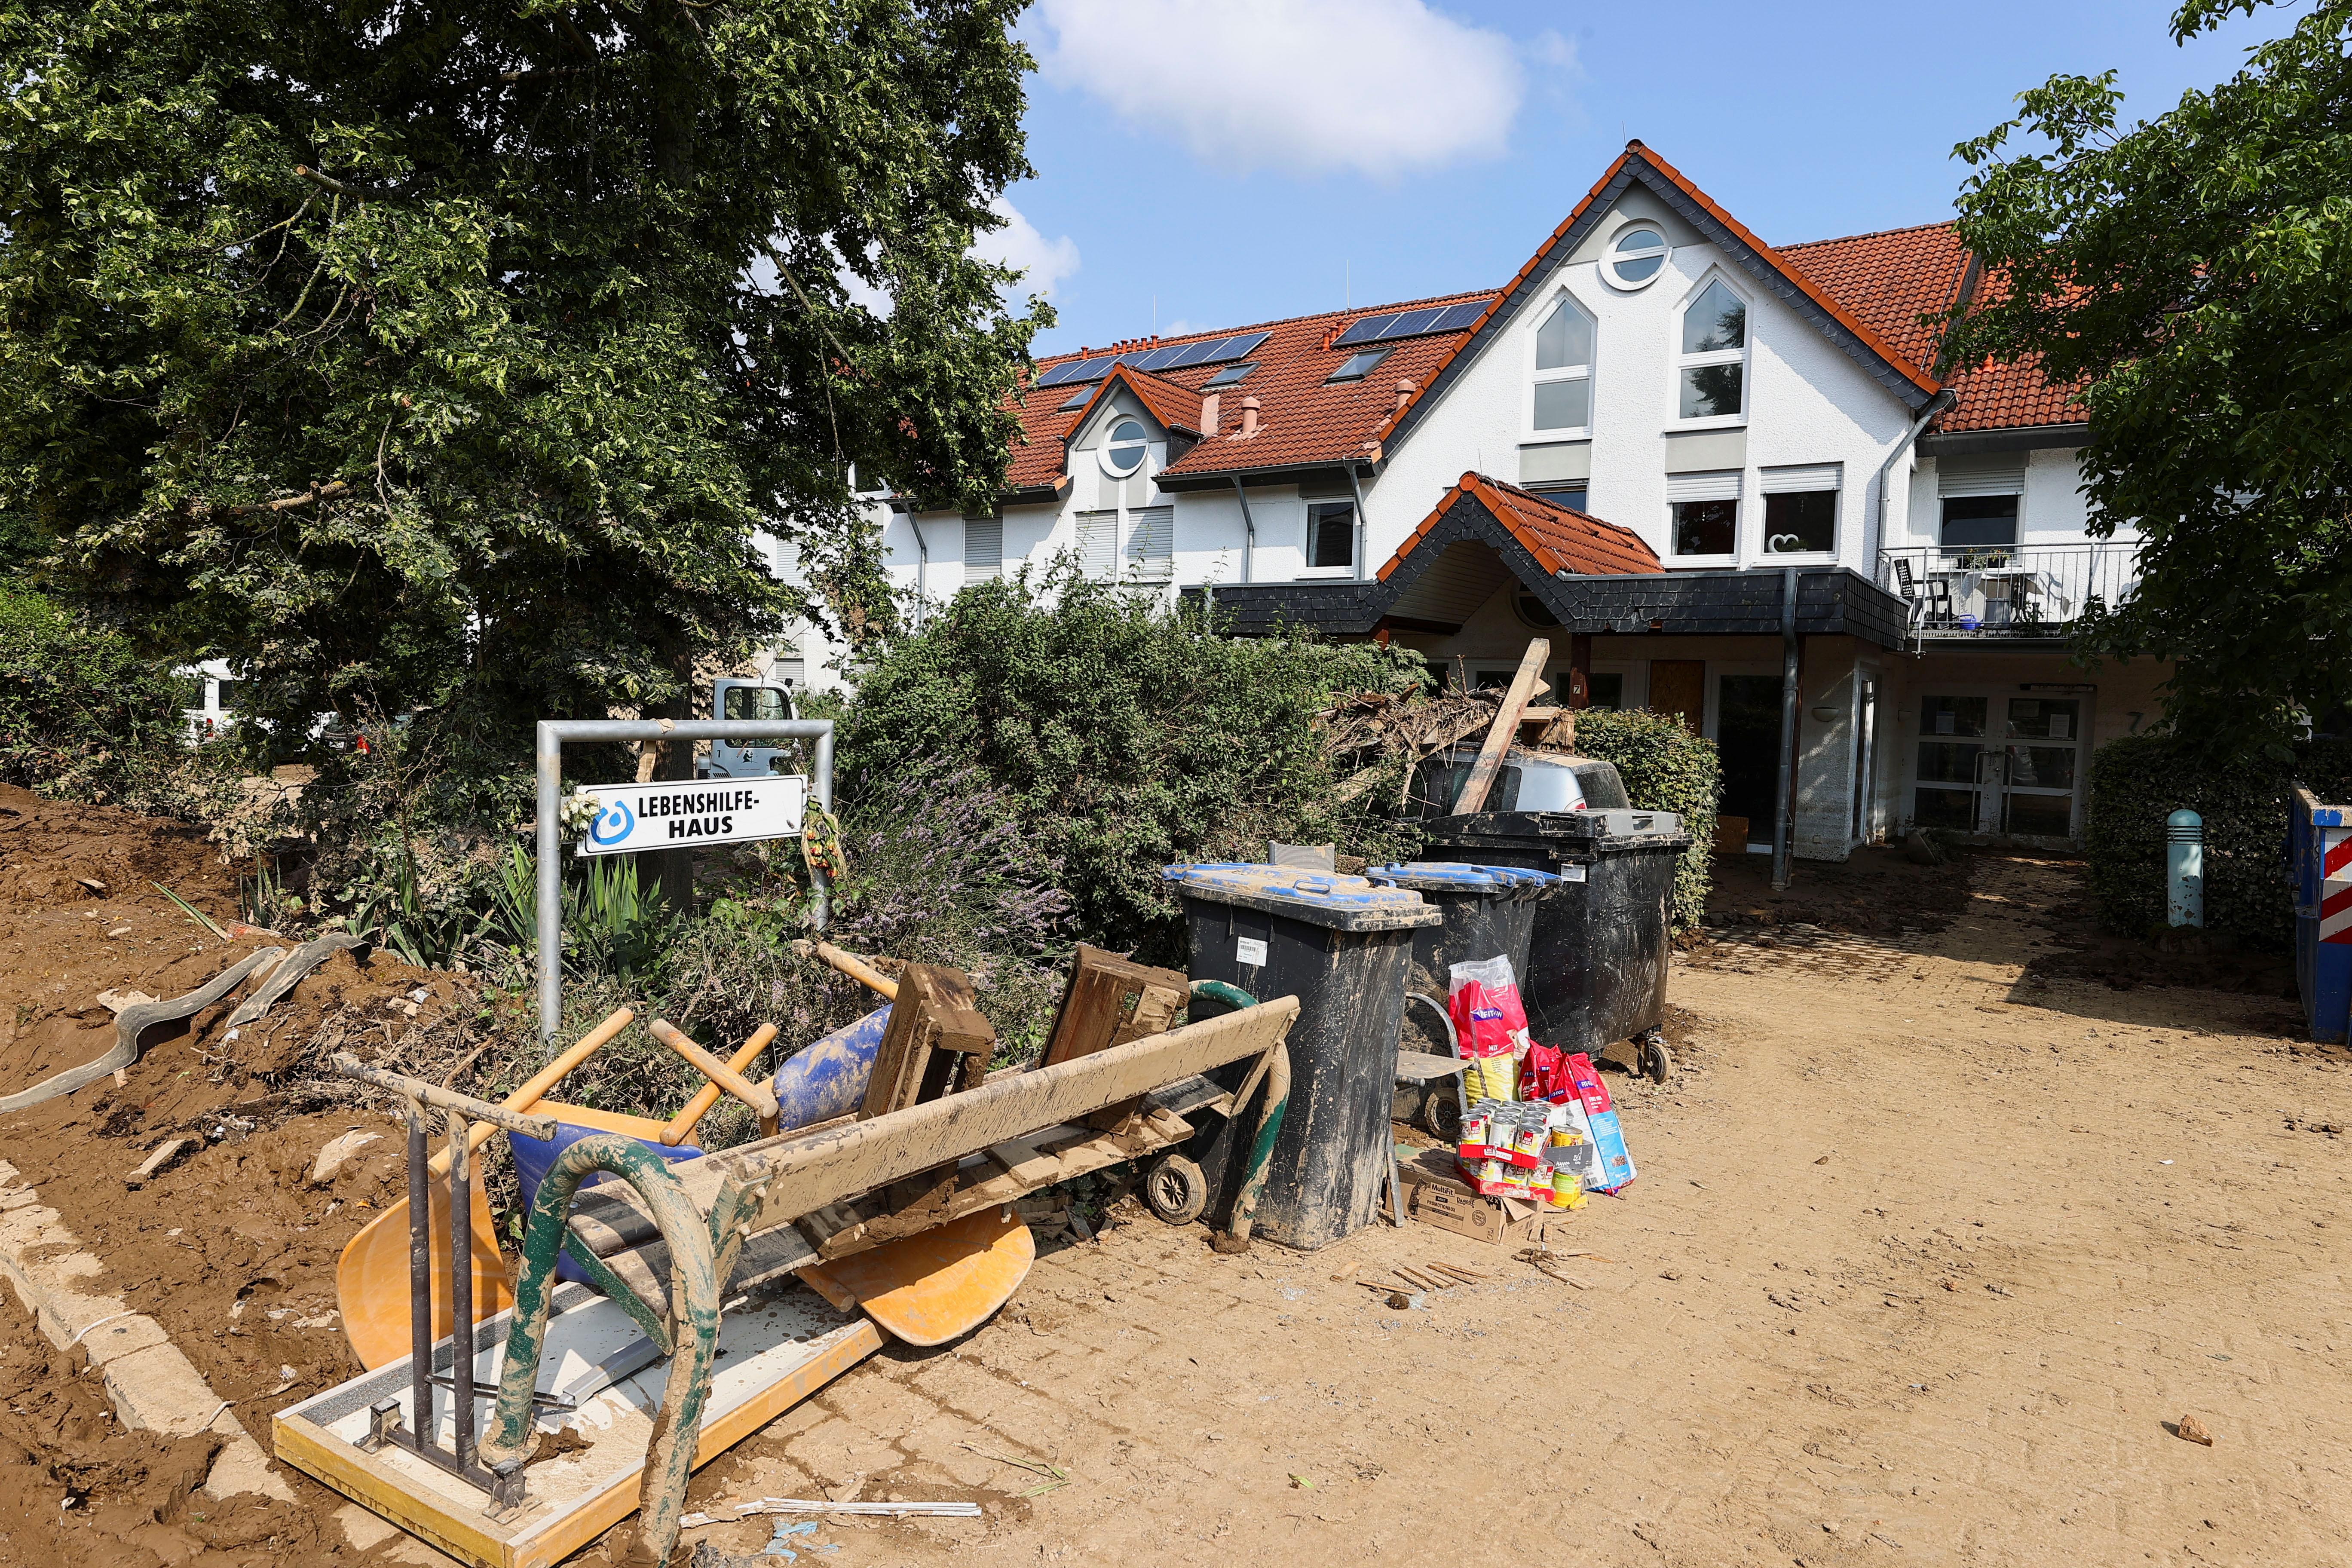 Et generelt syn på Lebenshilfe Haus, et omsorgsbolig i et område rammet av flom forårsaket av kraftige nedbørsmengder, i Sinzig, Tyskland, 20. juli 2021. REUTERS / Wolfgang Rattay